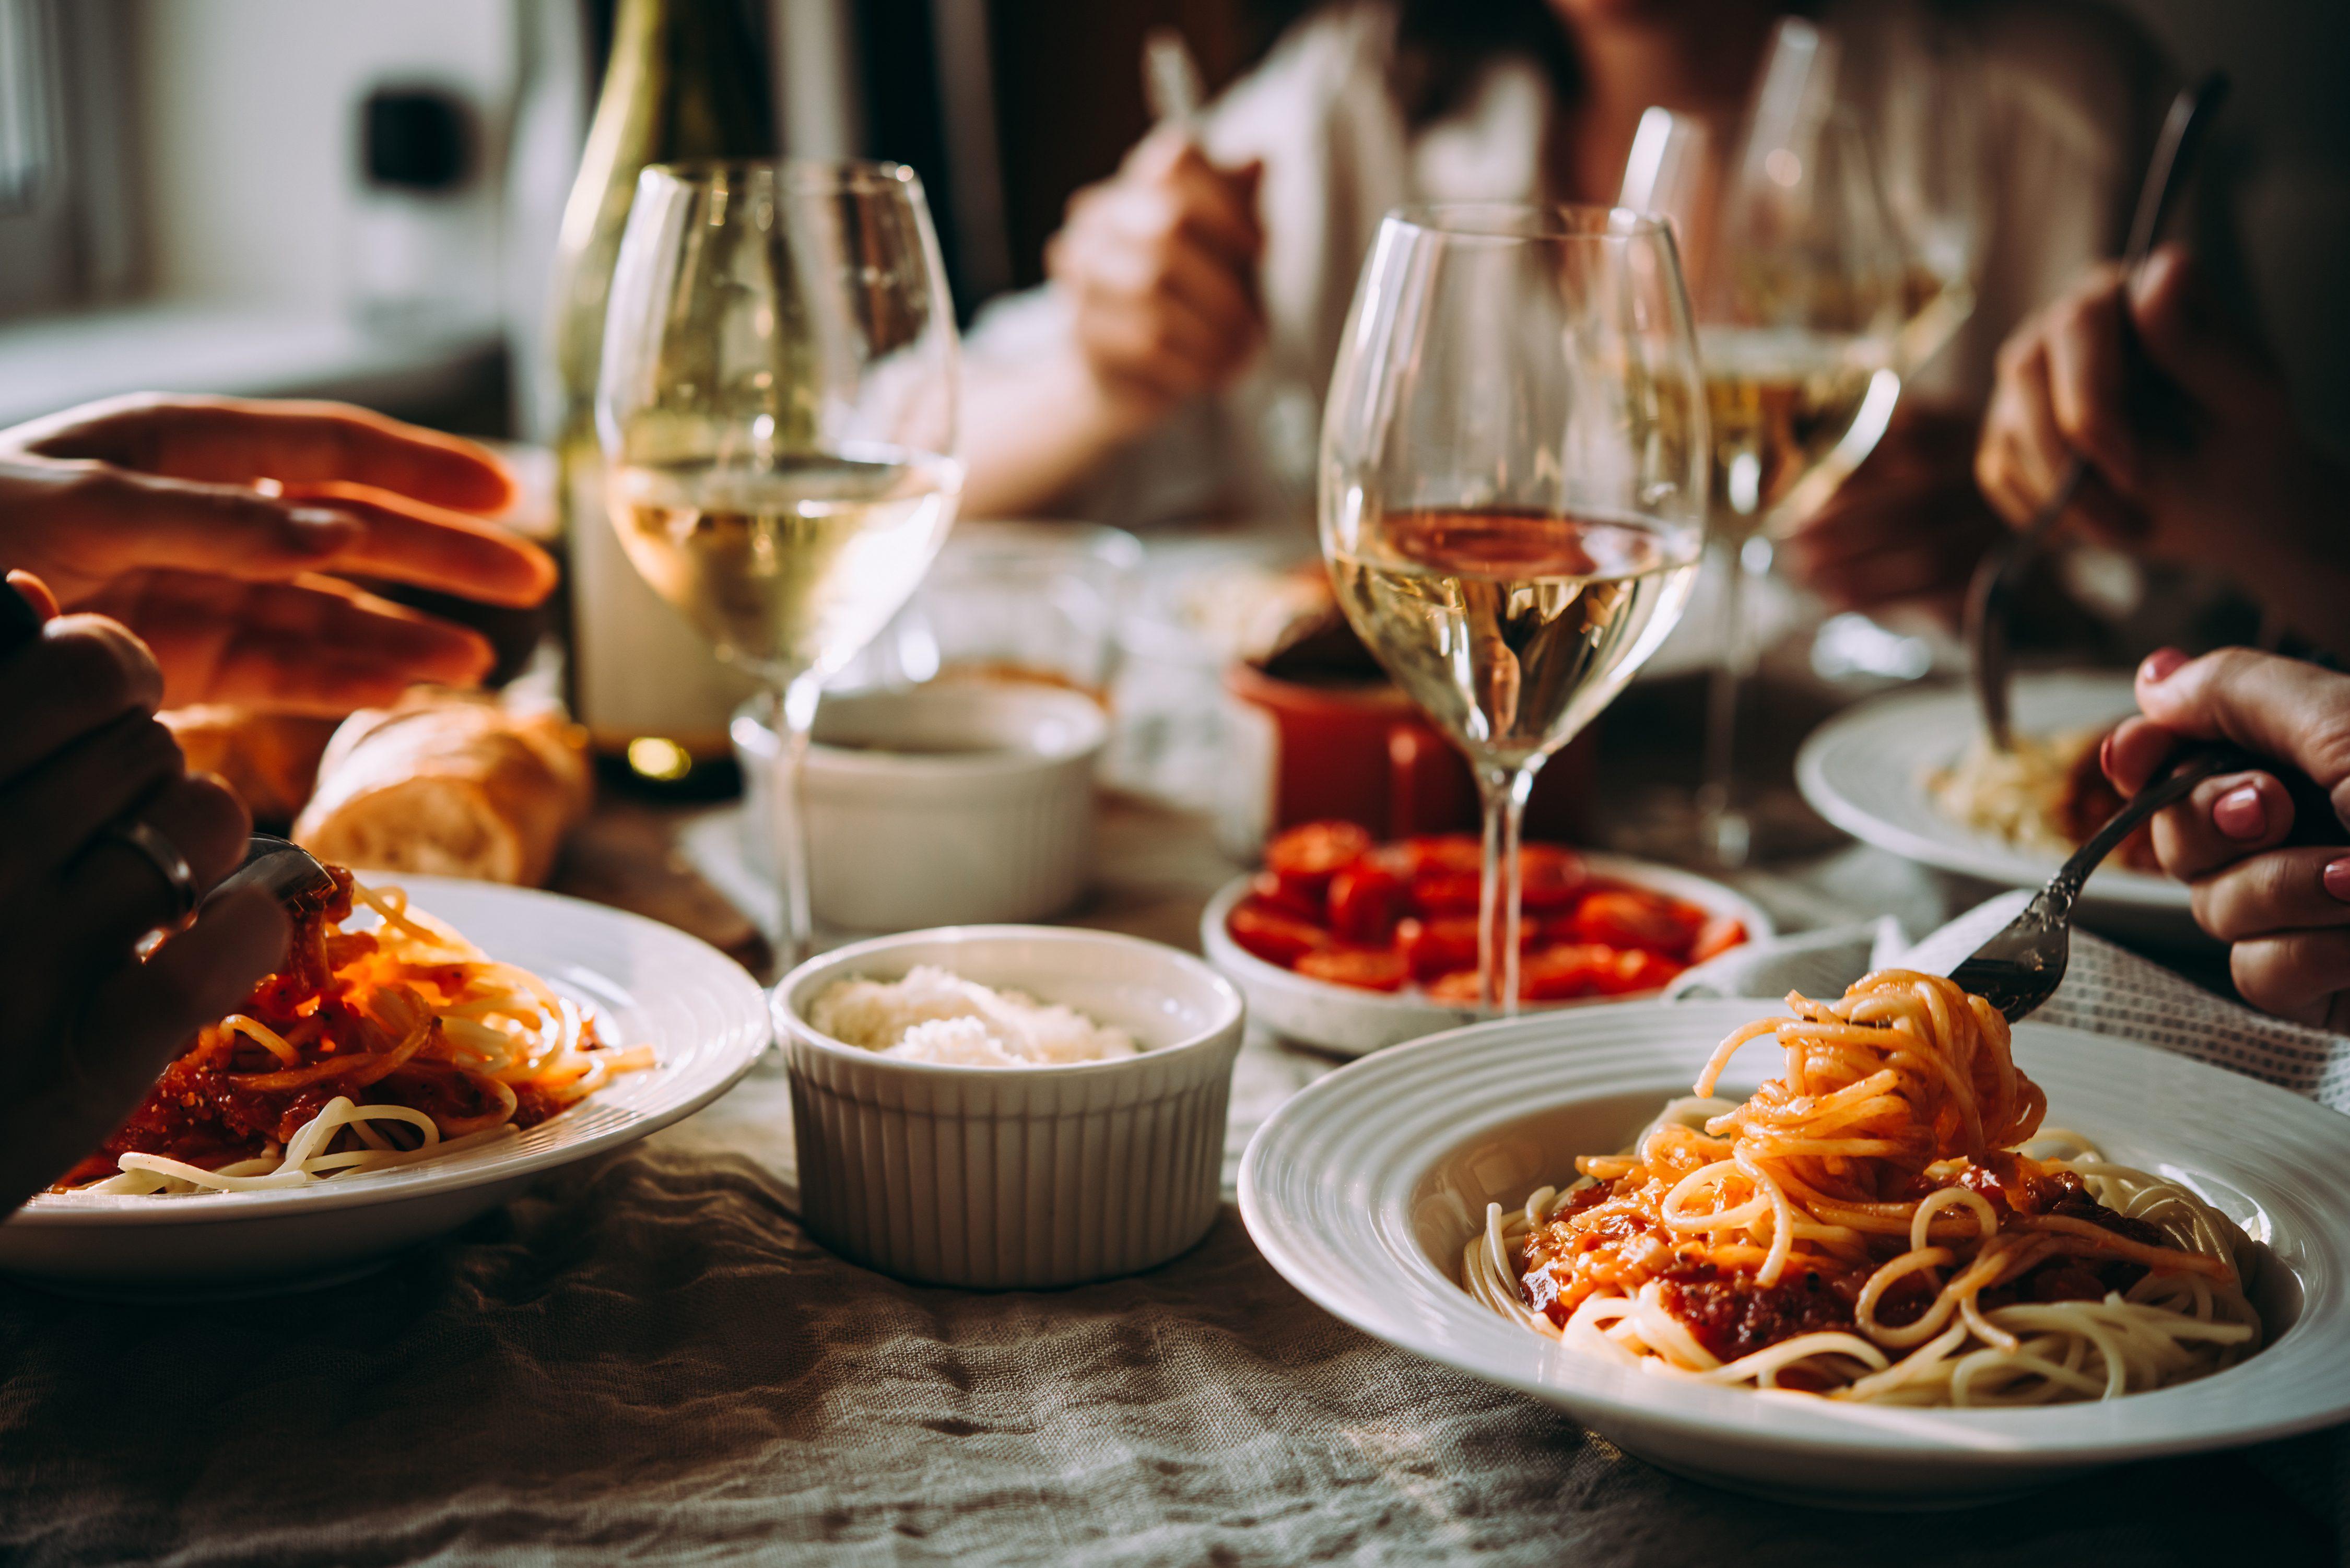 Festa della Repubblica: il menu per celebrare il 2 giugno a tavola